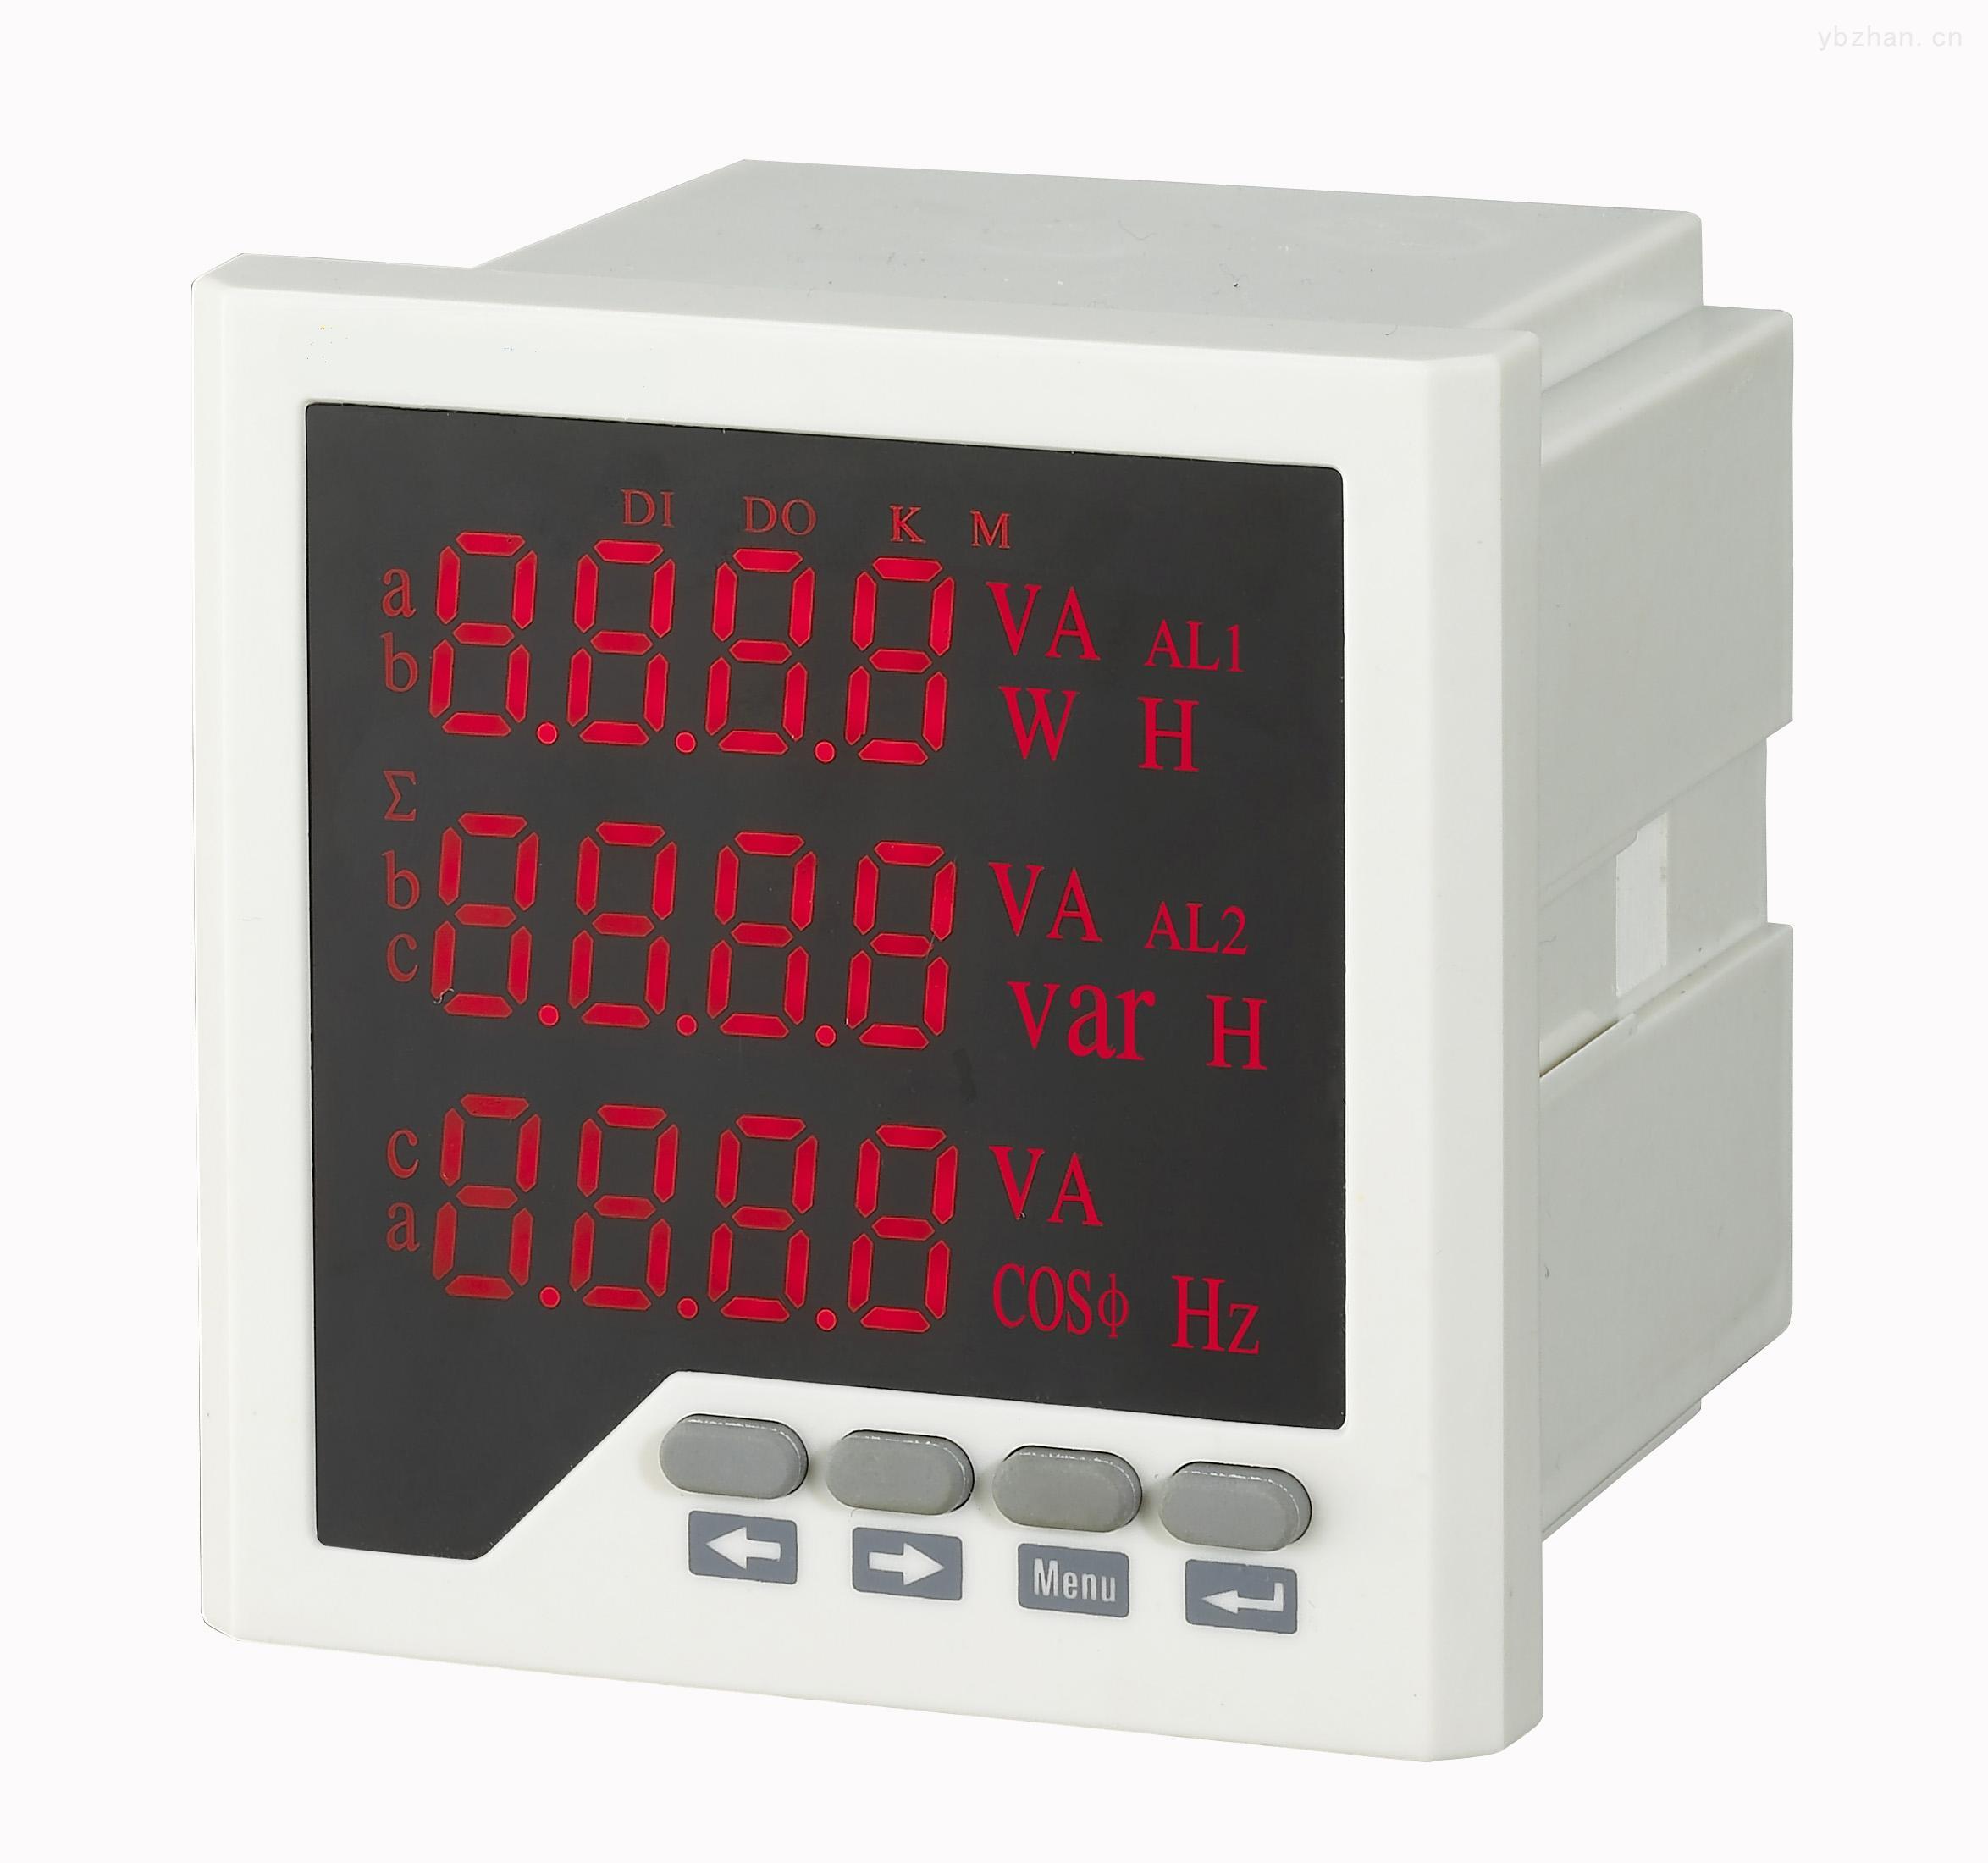 三相数码多功能电力仪表rlc231a